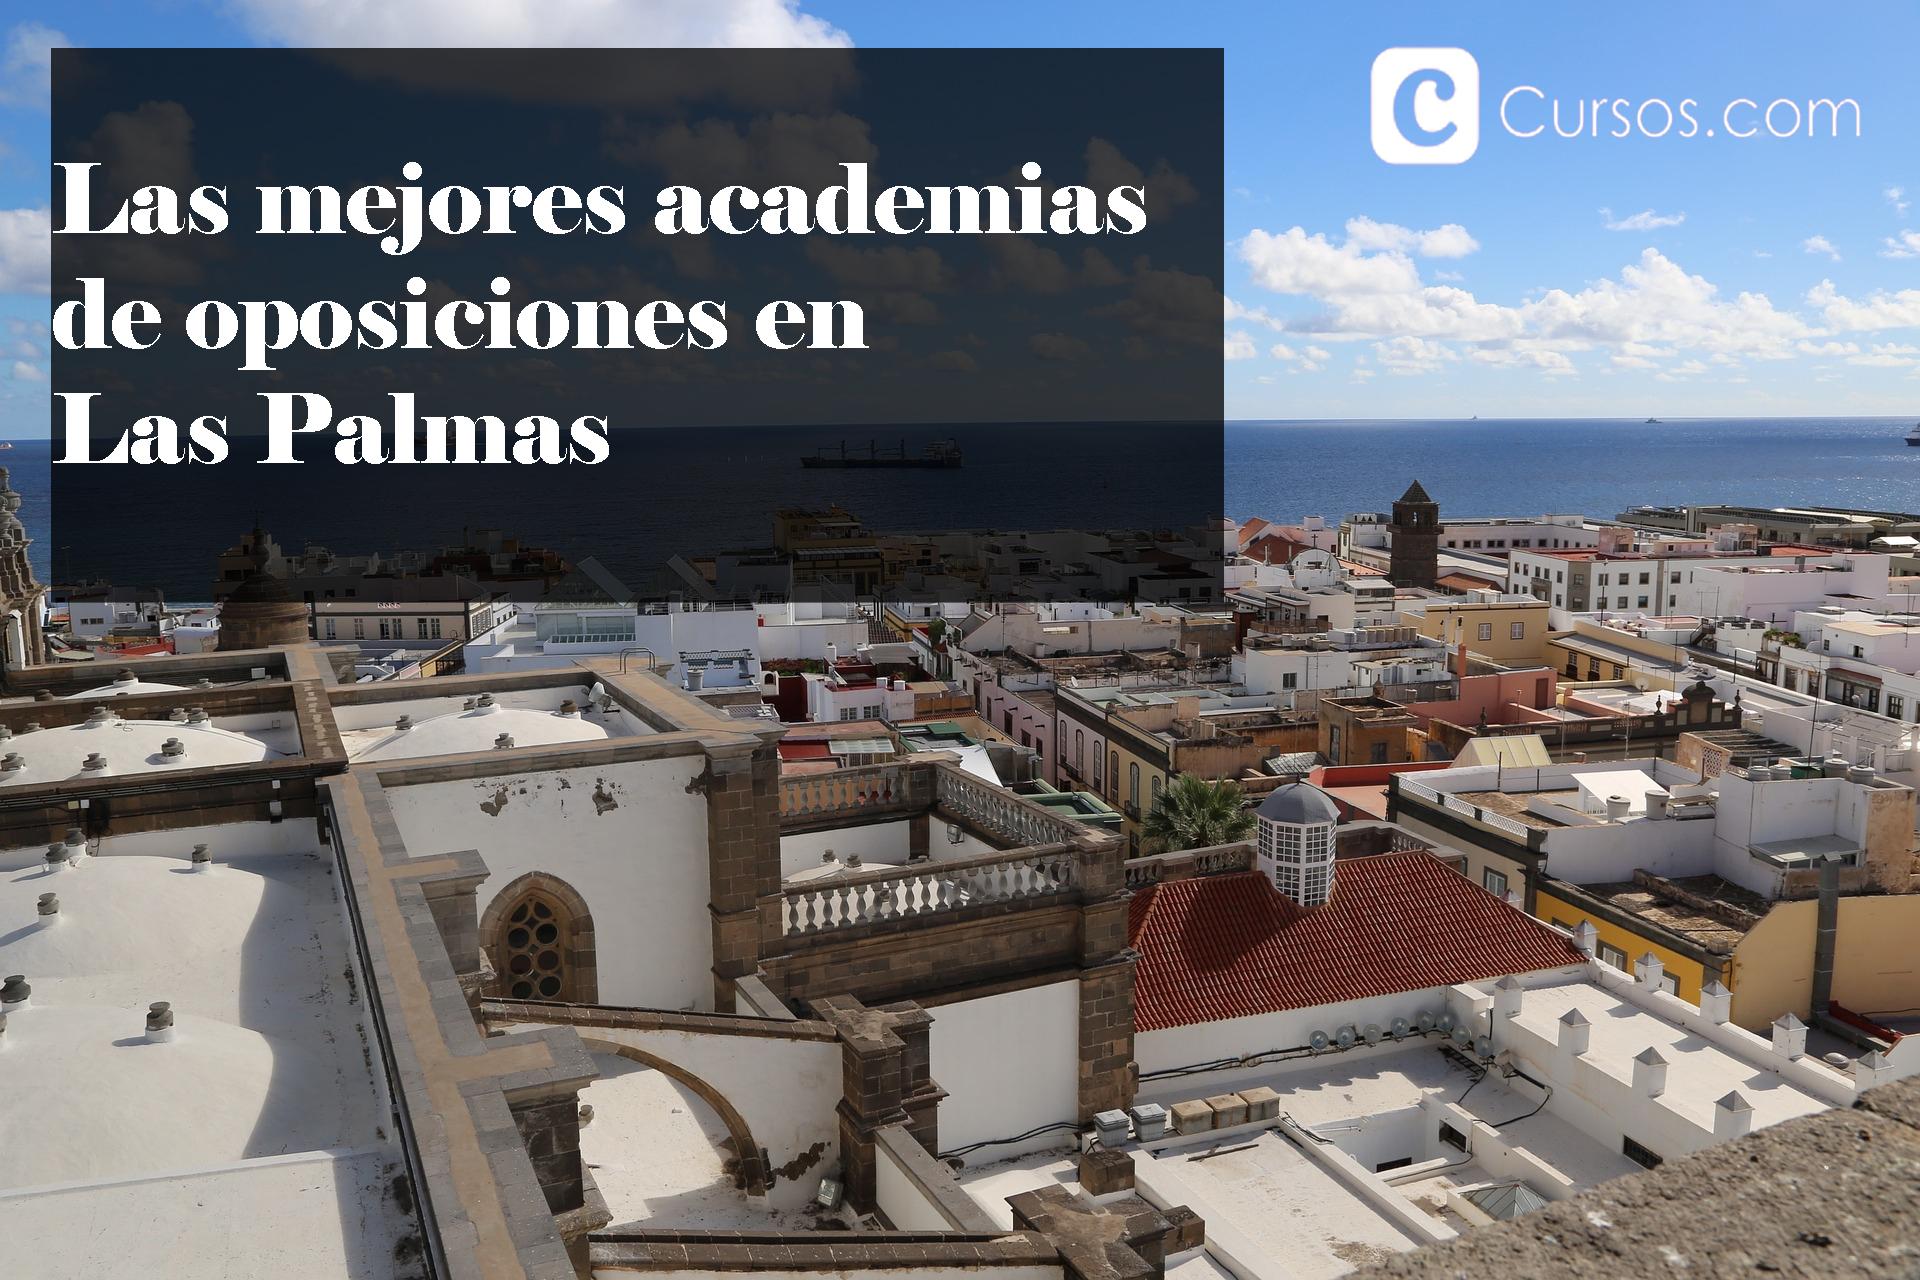 Mejores academias de oposiciones en Las Palmas